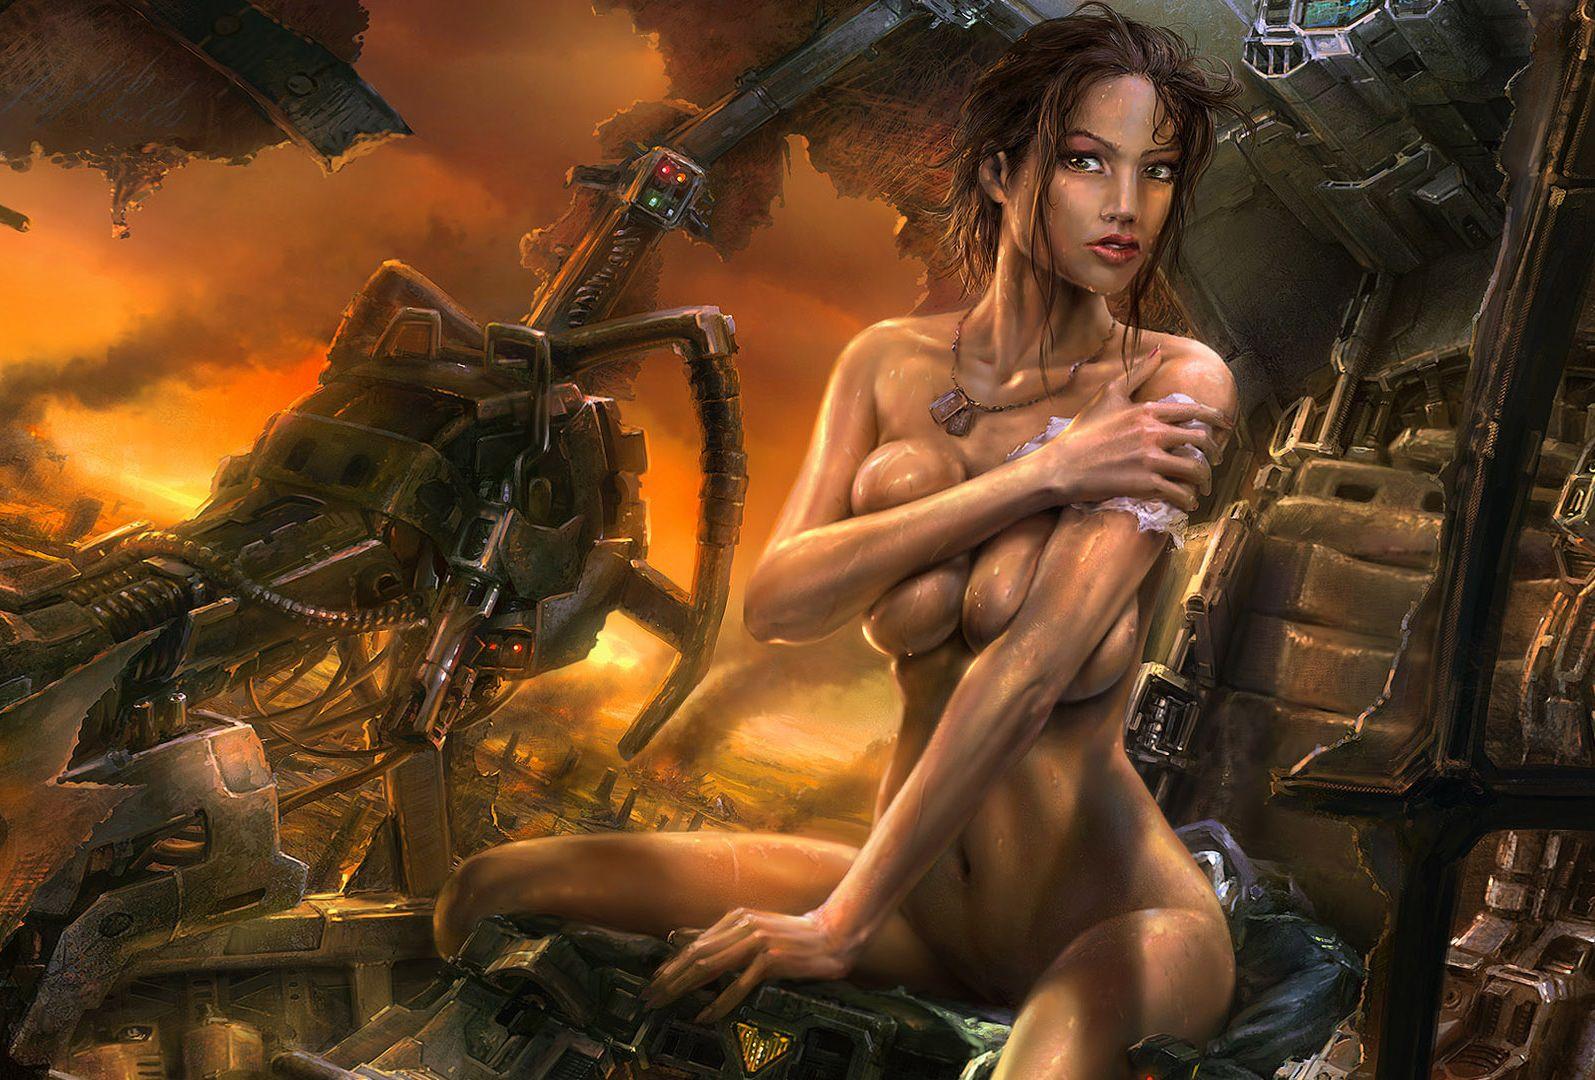 Обнаженные девушки воительницы фото